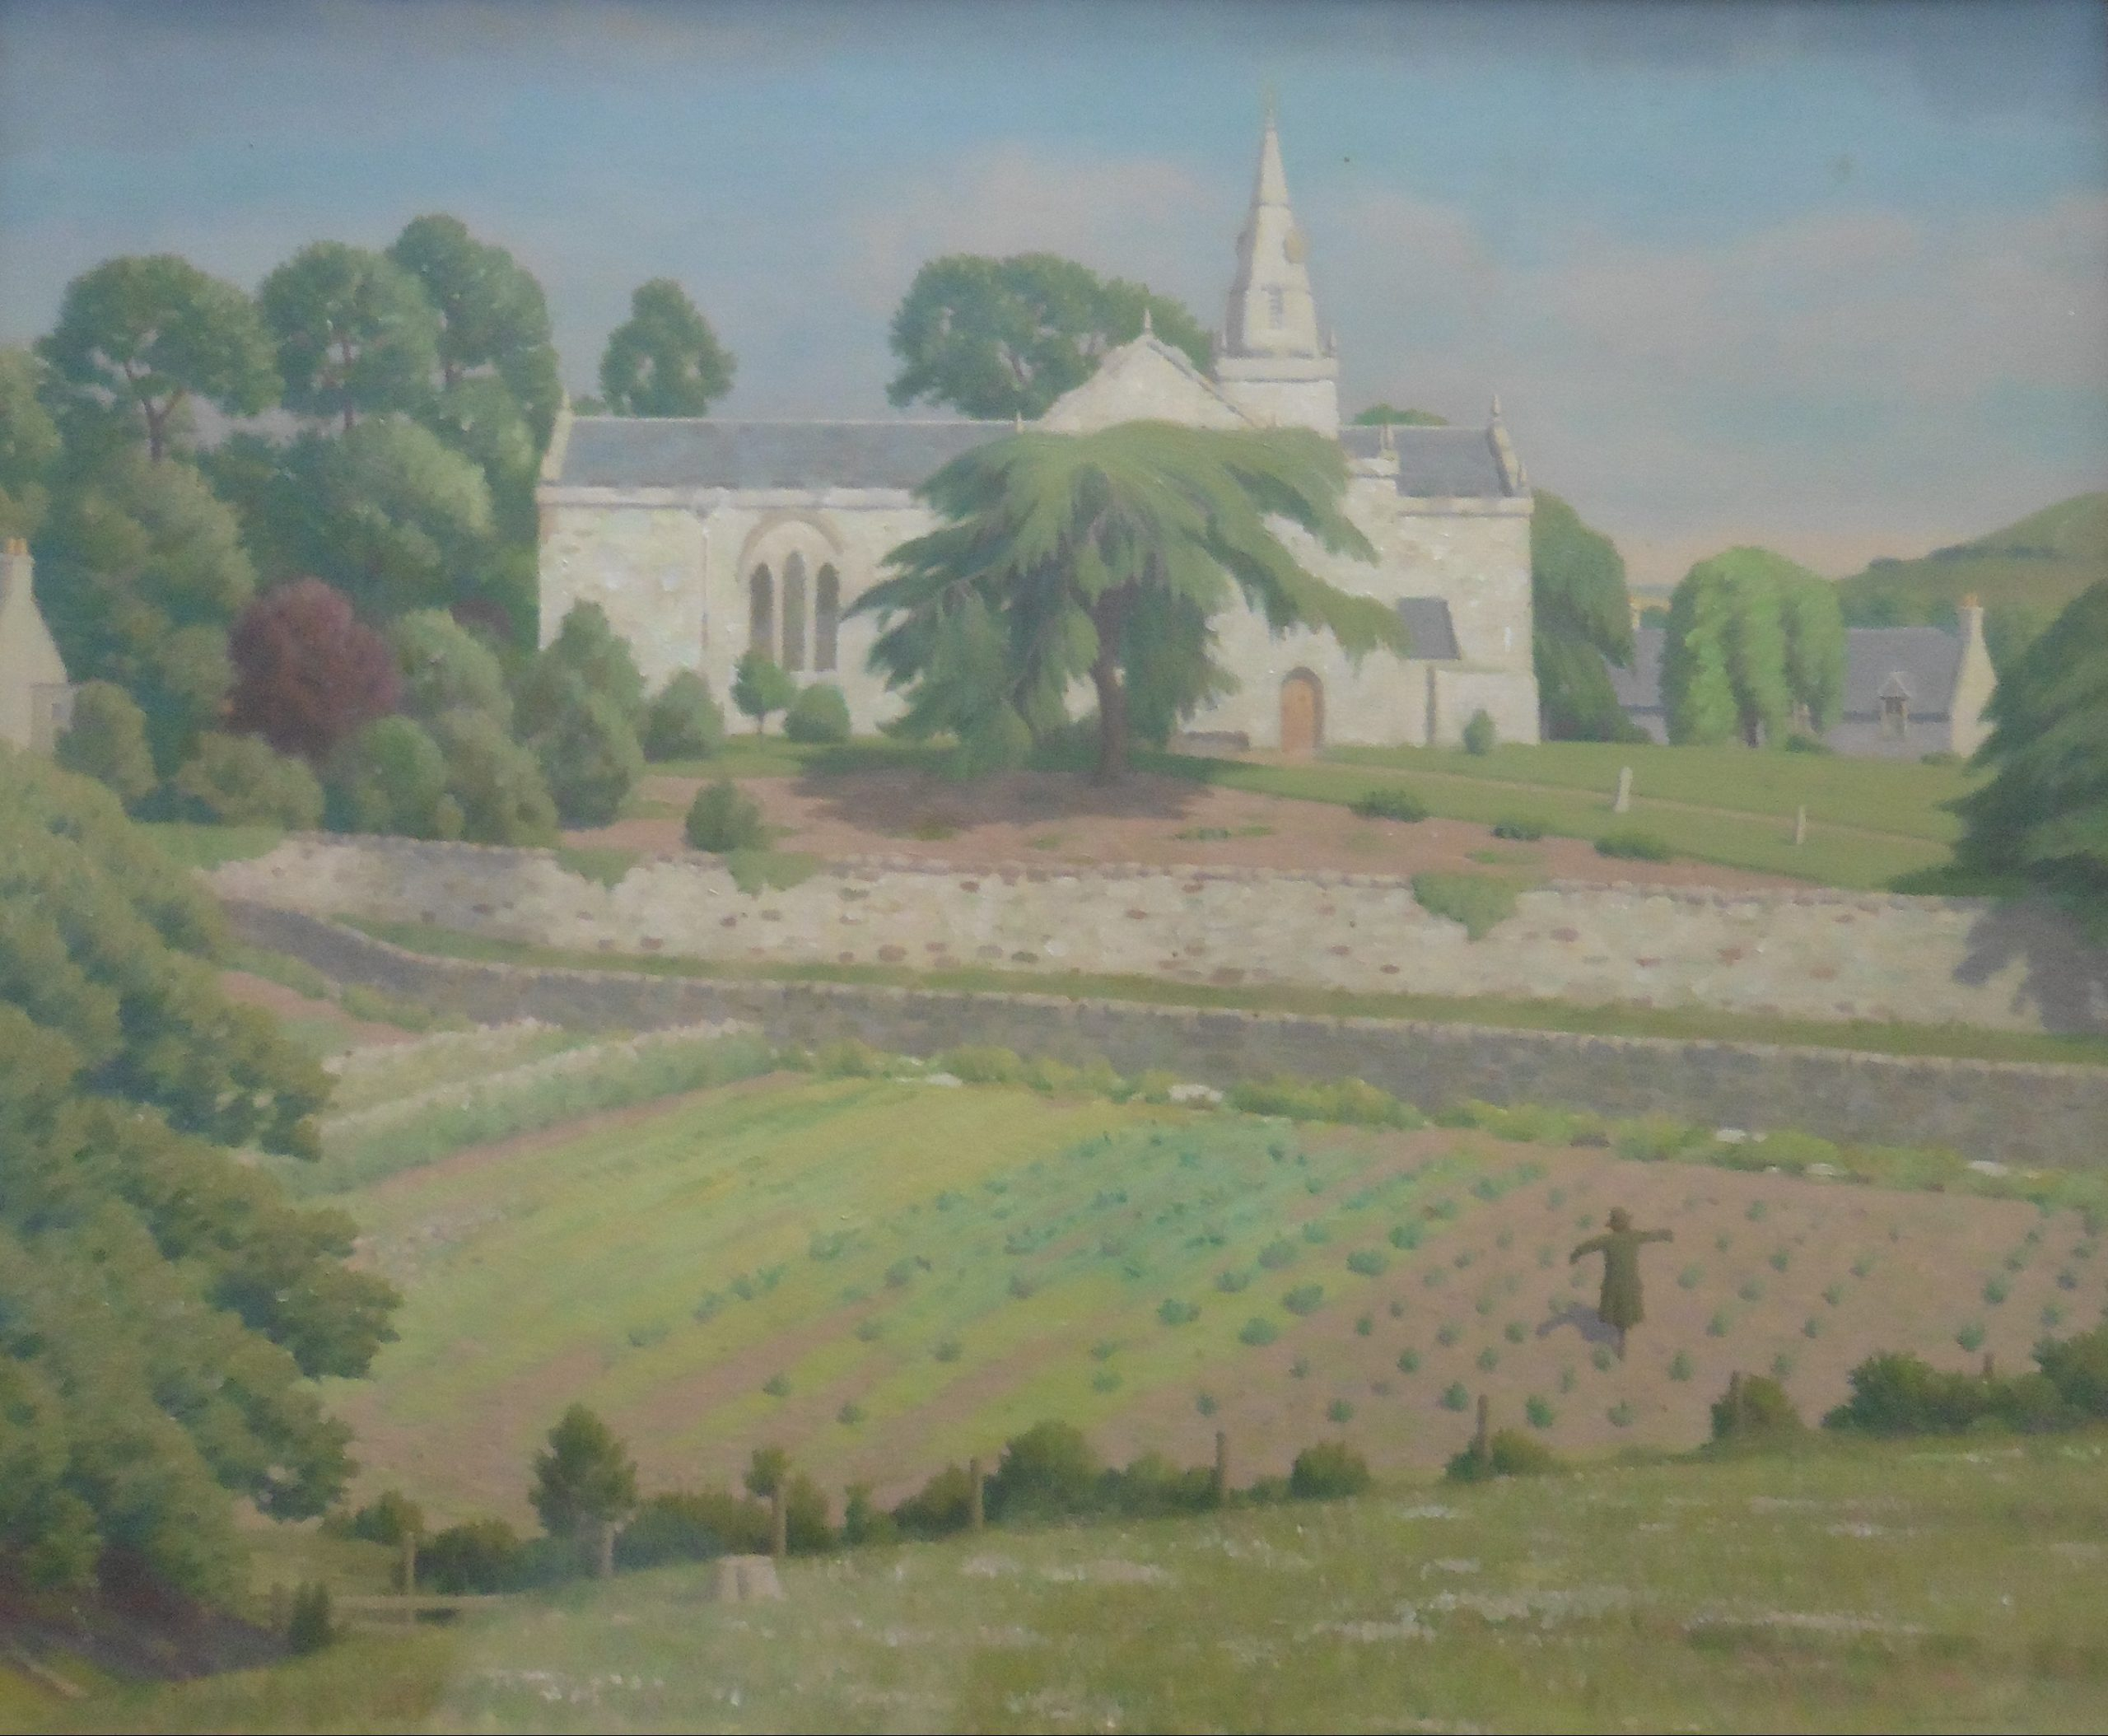 largo church